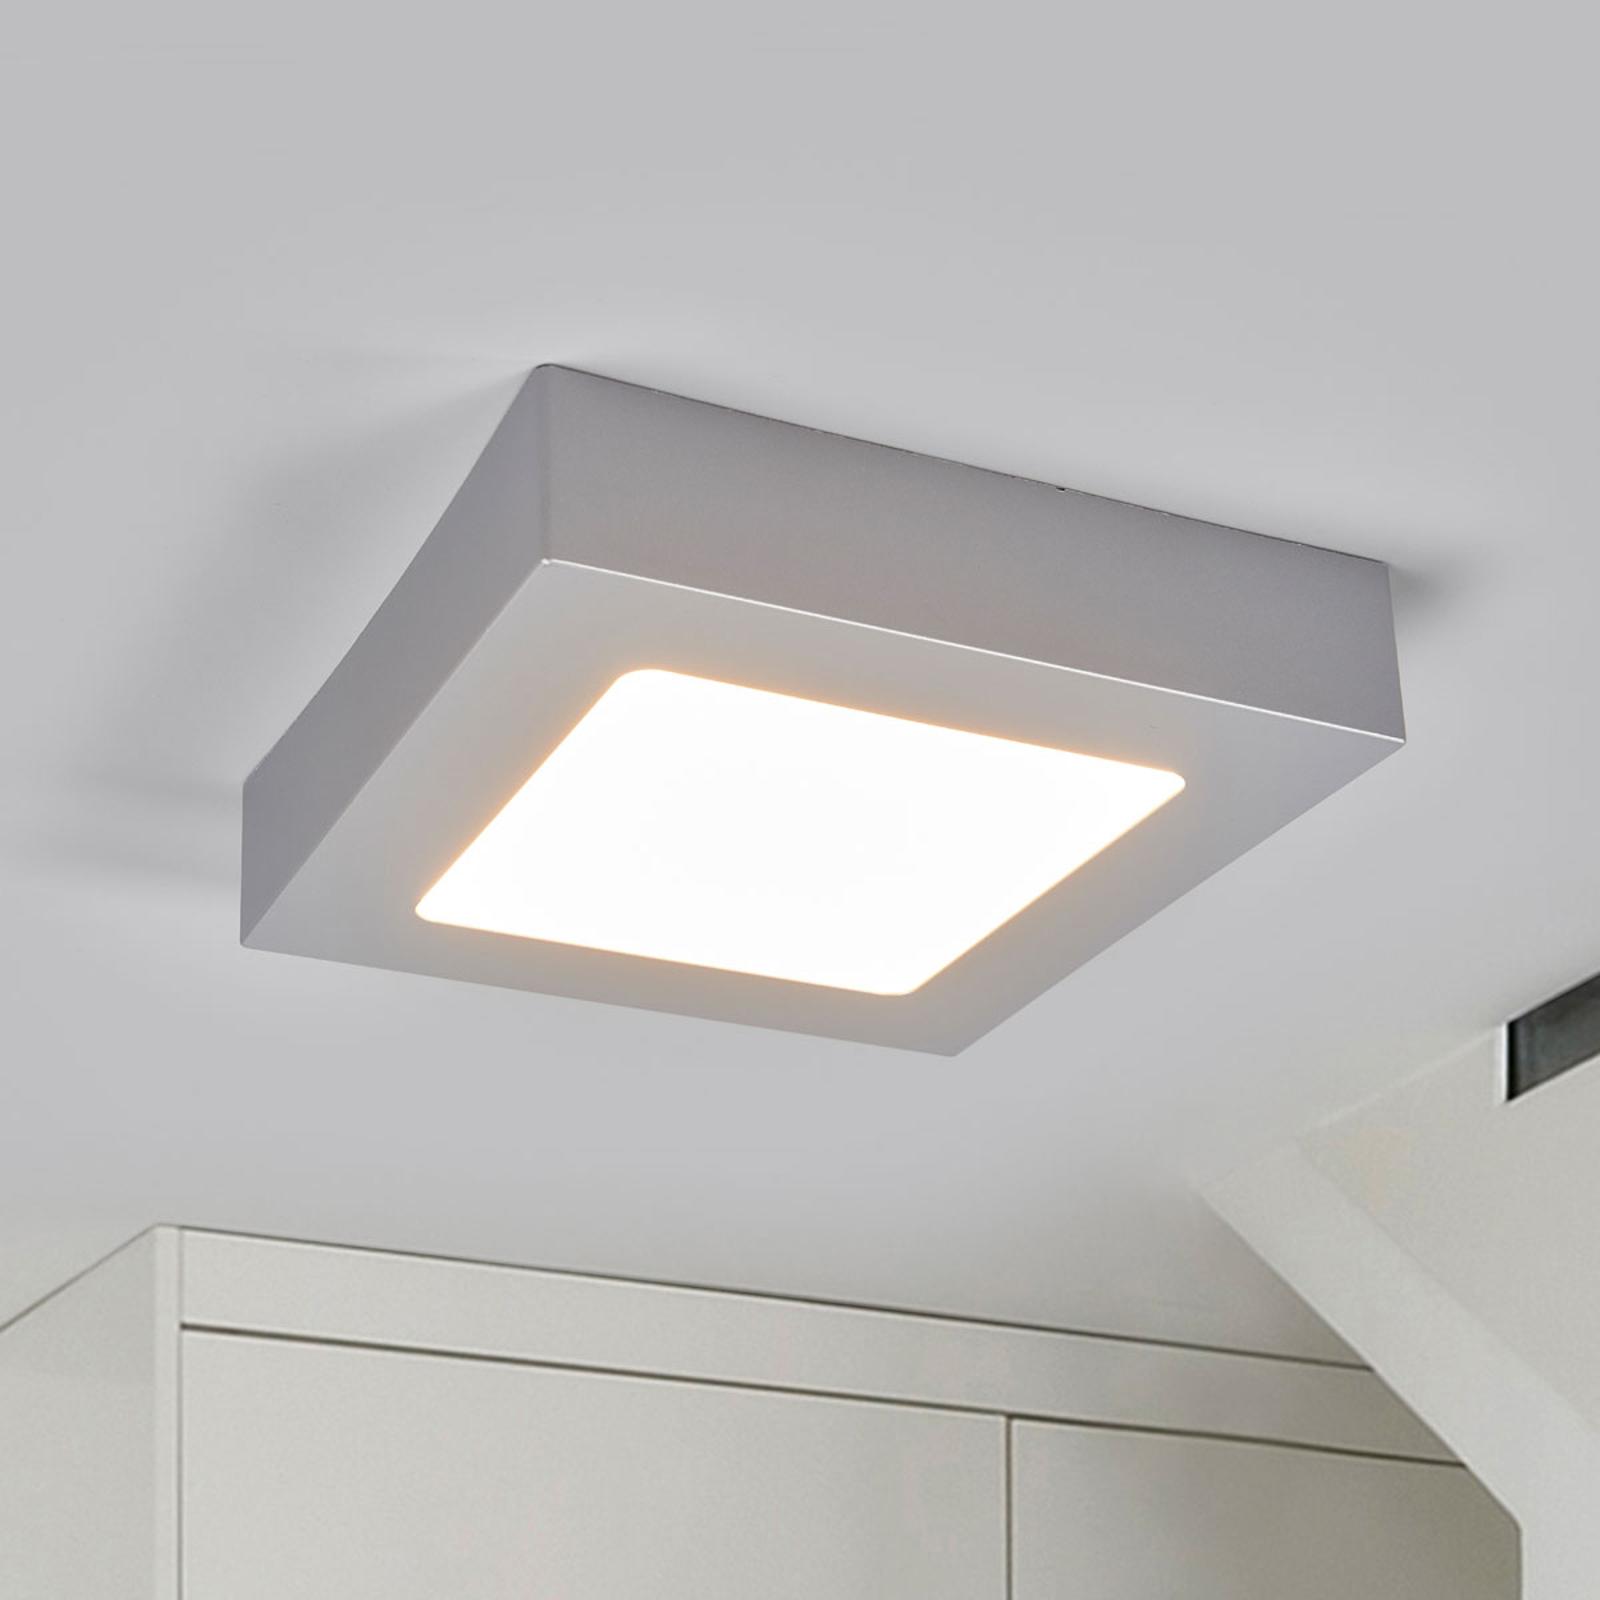 Marlo LED-loftlampe sølv 3000K kantet 18,1cm